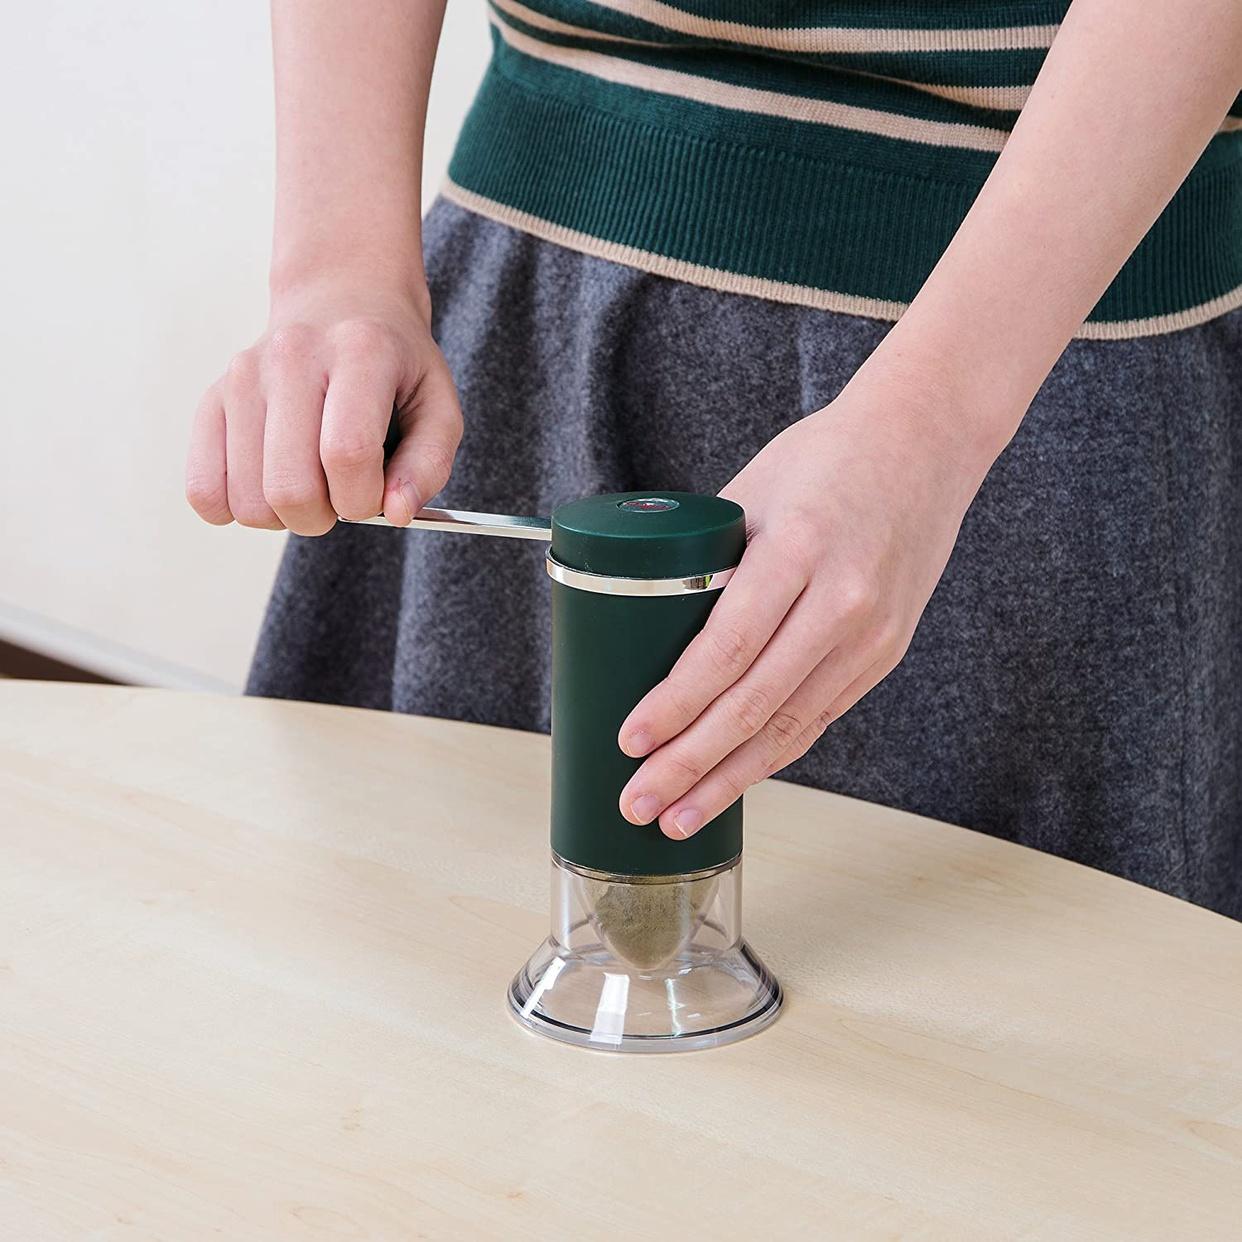 川﨑合成樹脂(KAWASAKI PLASTICS) MILLUセラミックお茶ミル MI-001の商品画像2